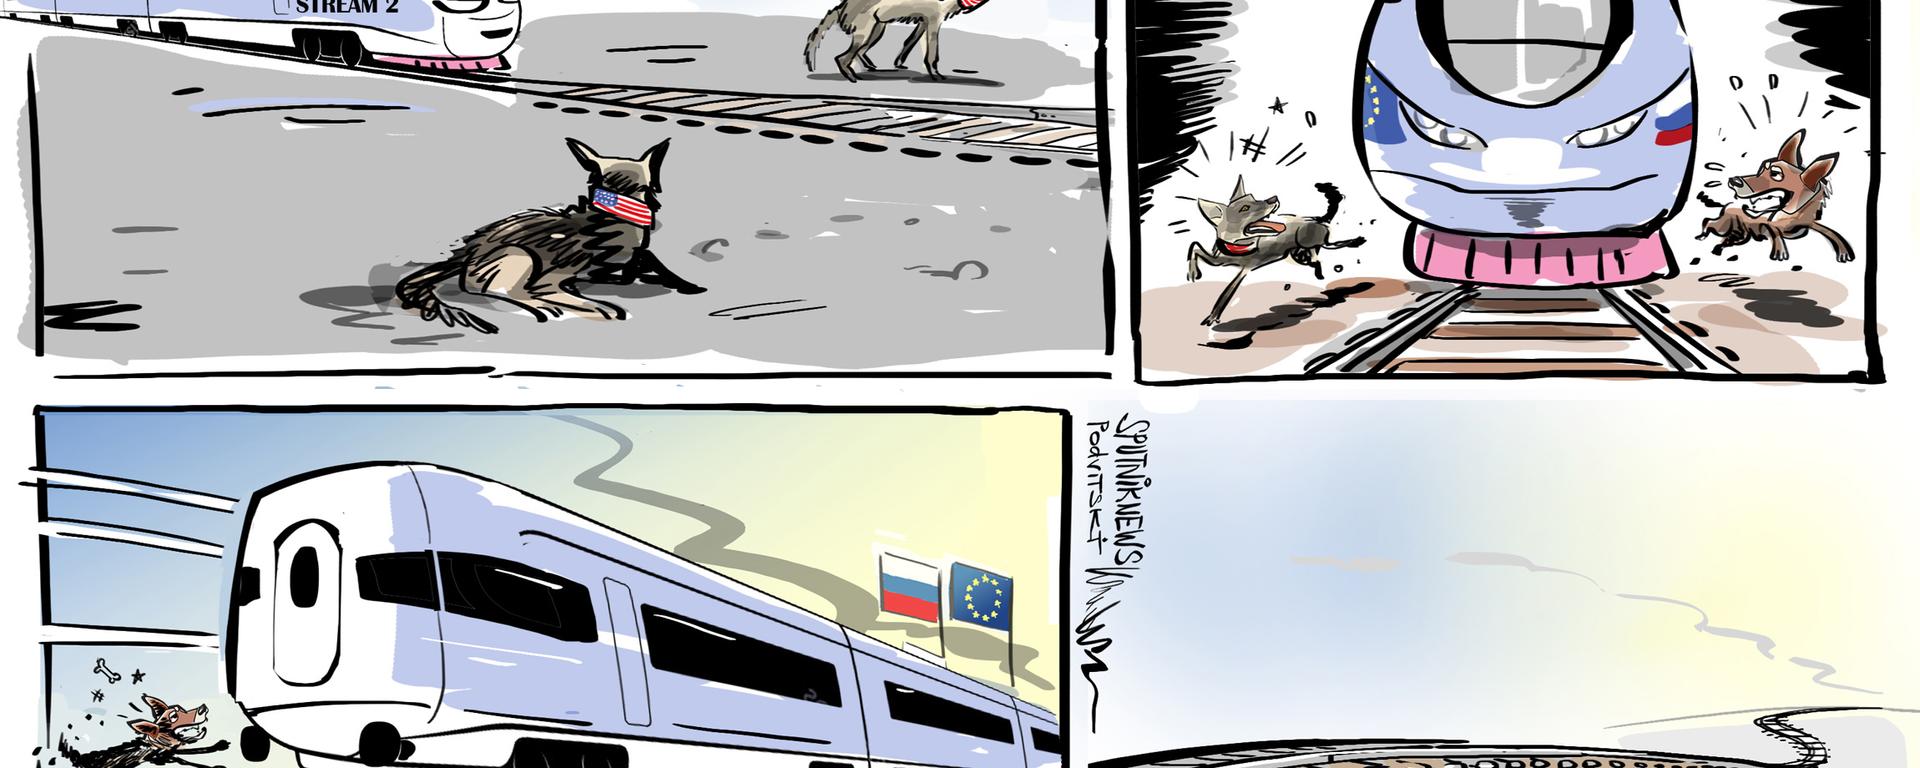 'Los perros ladran, pero la caravana avanza': Rusia construye el Nord Stream diga lo que diga EEUU - Sputnik Mundo, 1920, 20.05.2021